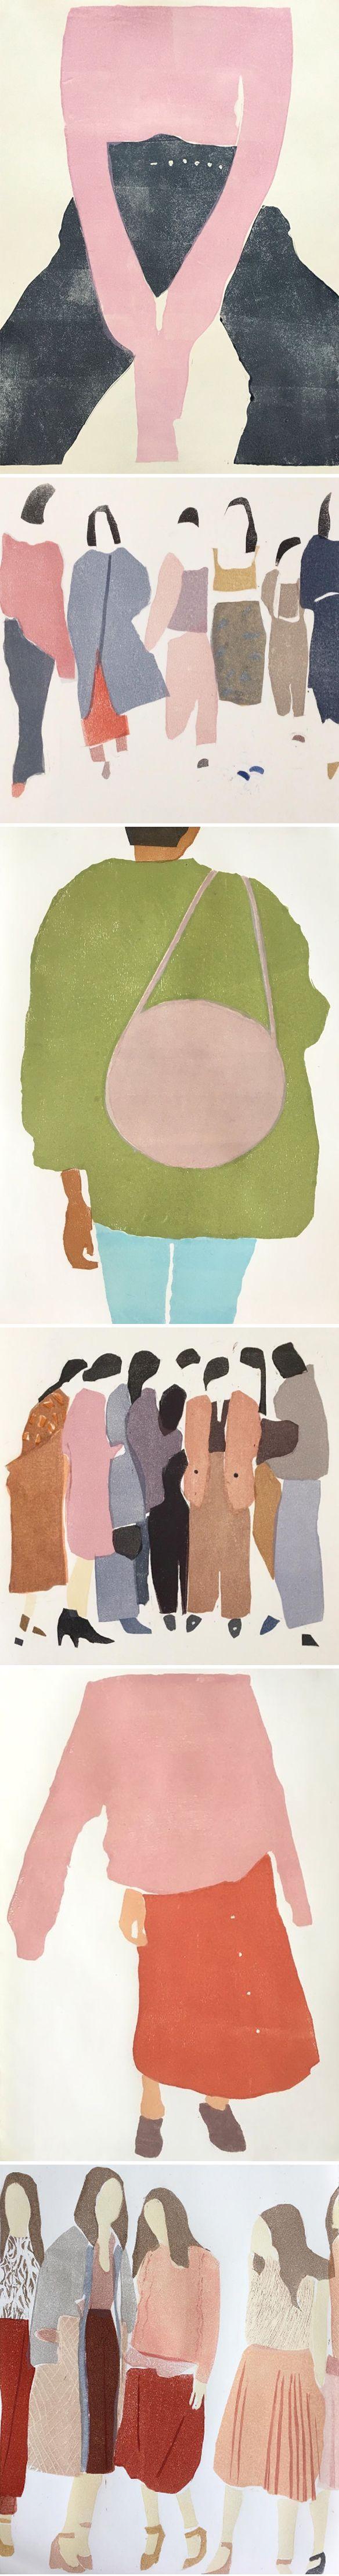 renée gouin: Style et thème de gravure dont je souhaite m'inspirer